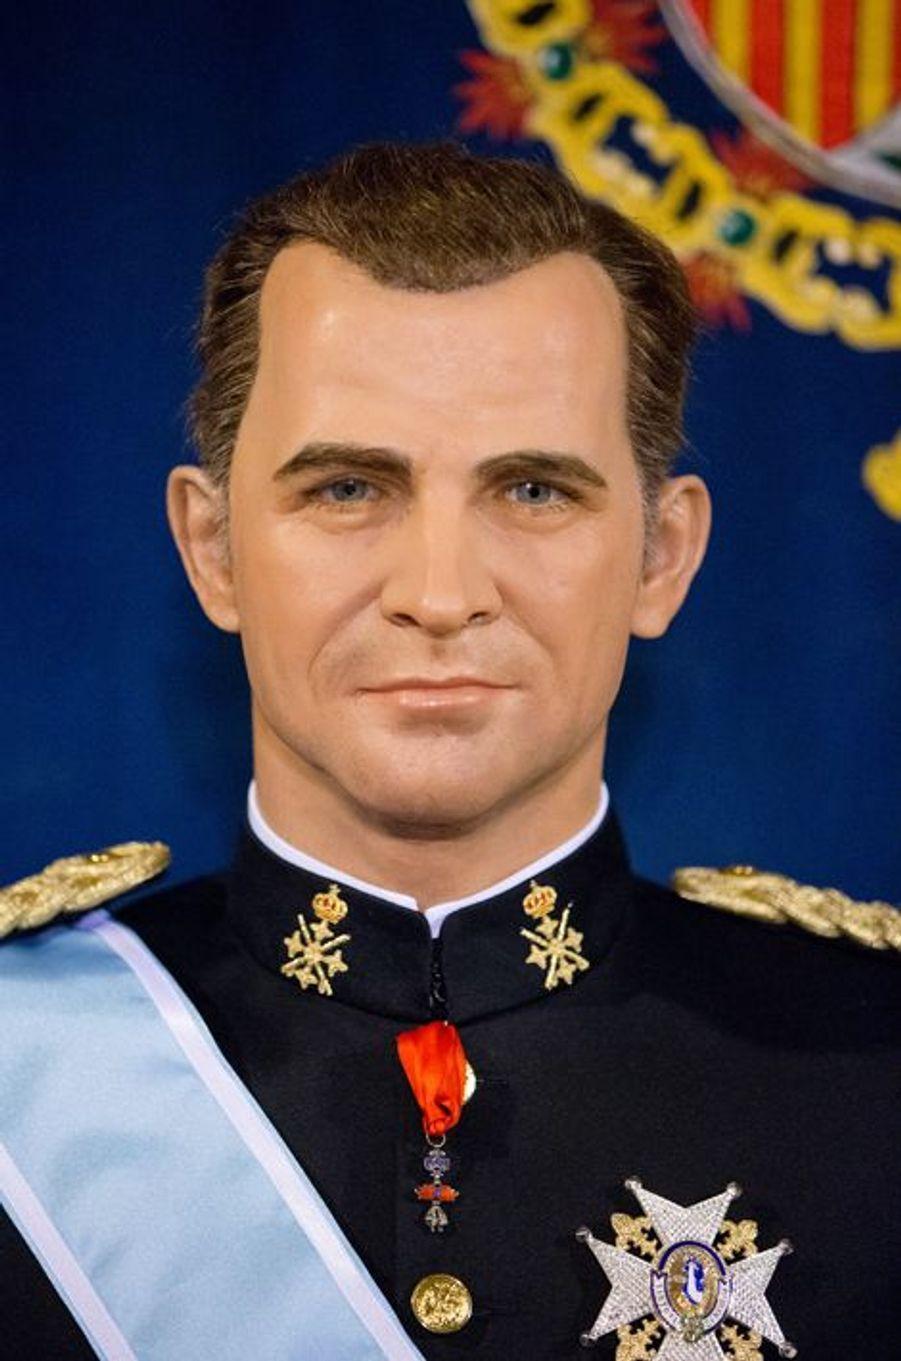 La statue de cire du roi Felipe VI au Museo de Cera à Madrid, dévoilée le 12 octobre 2014